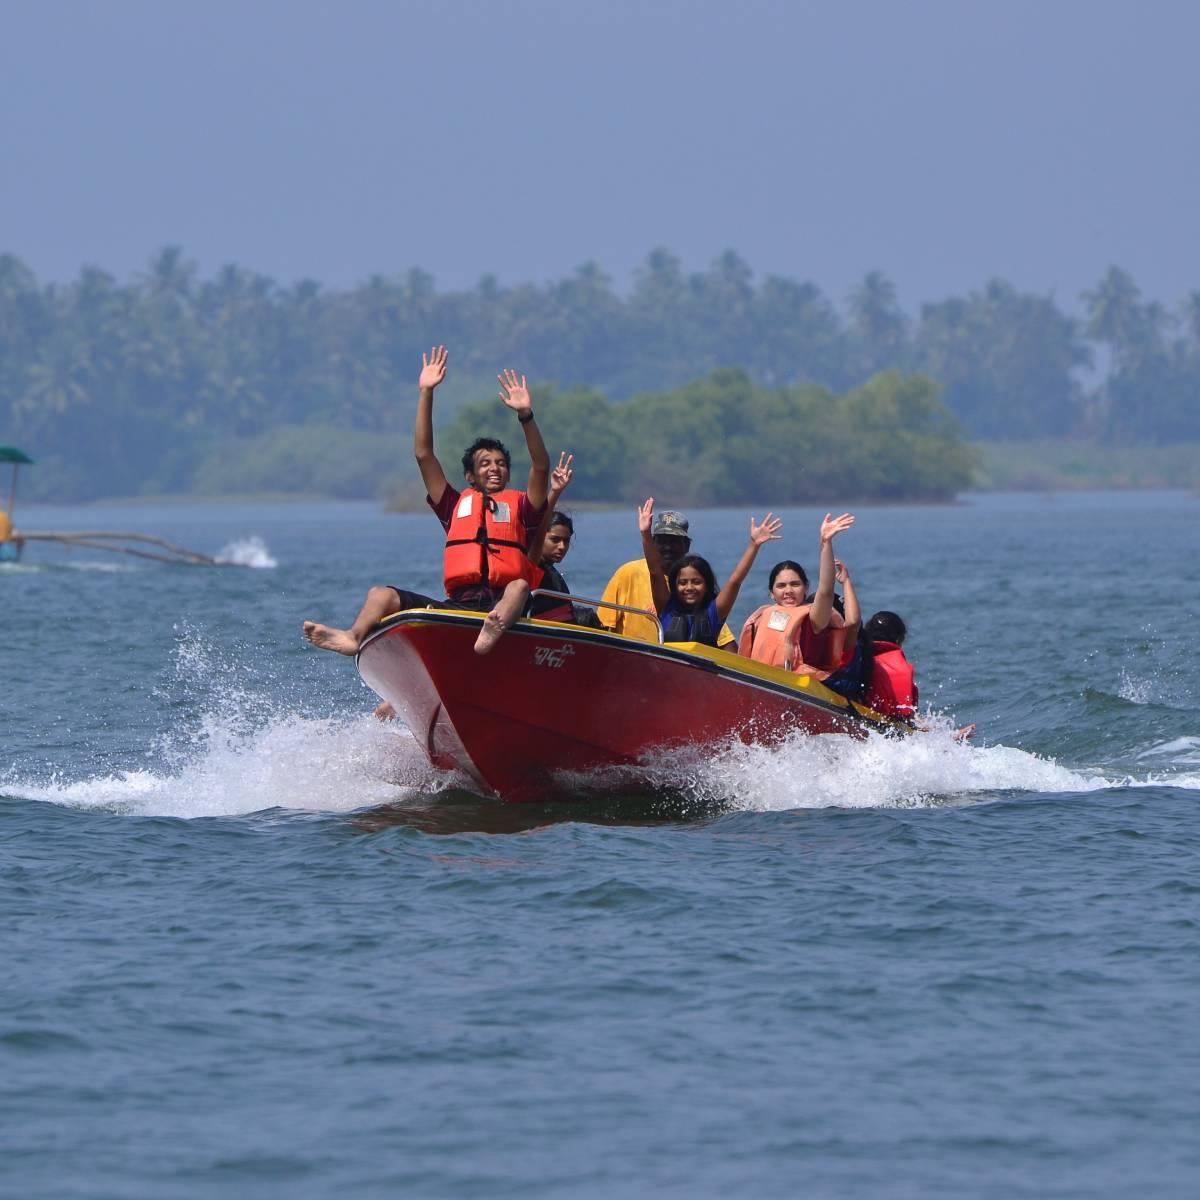 speed boat ride at devbag beach